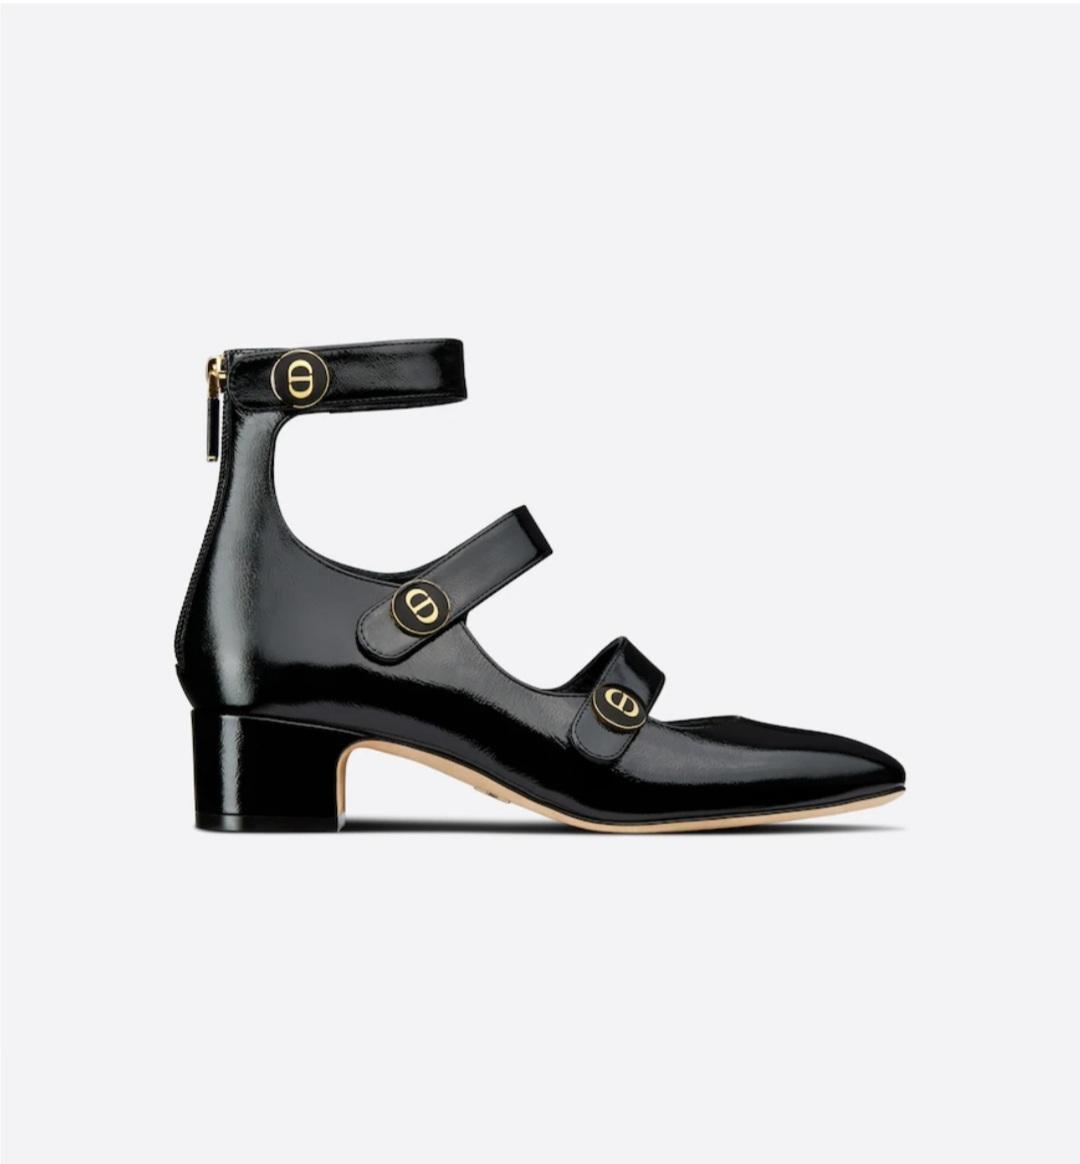 Zapatos salón D-Doll de Dior en piel de becerro brillante negra con la puntera levemente cuadrada y tres tiras con botones de esmalte negros con la firma CD dorada. Completa este elegante zapato el tacón de bloque de 4 cm.